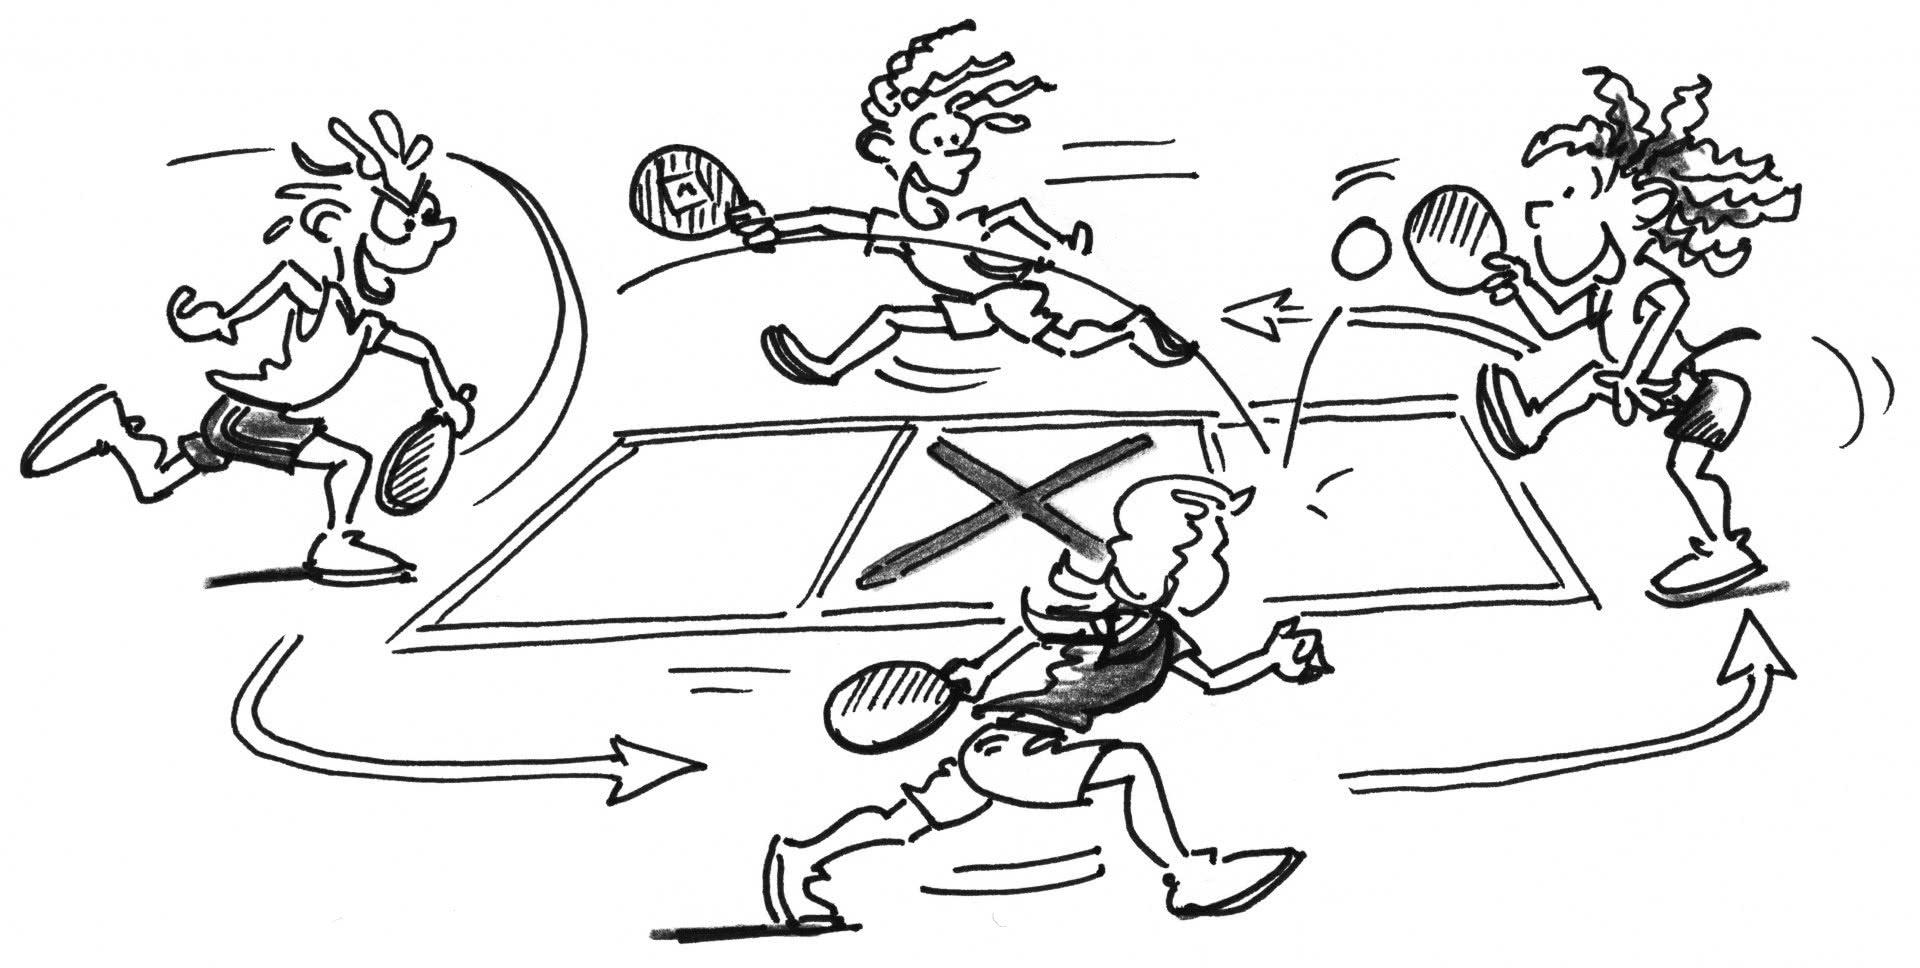 Comic: Vier Figuren spielen Streetball im Kreis um ein Feld herum.